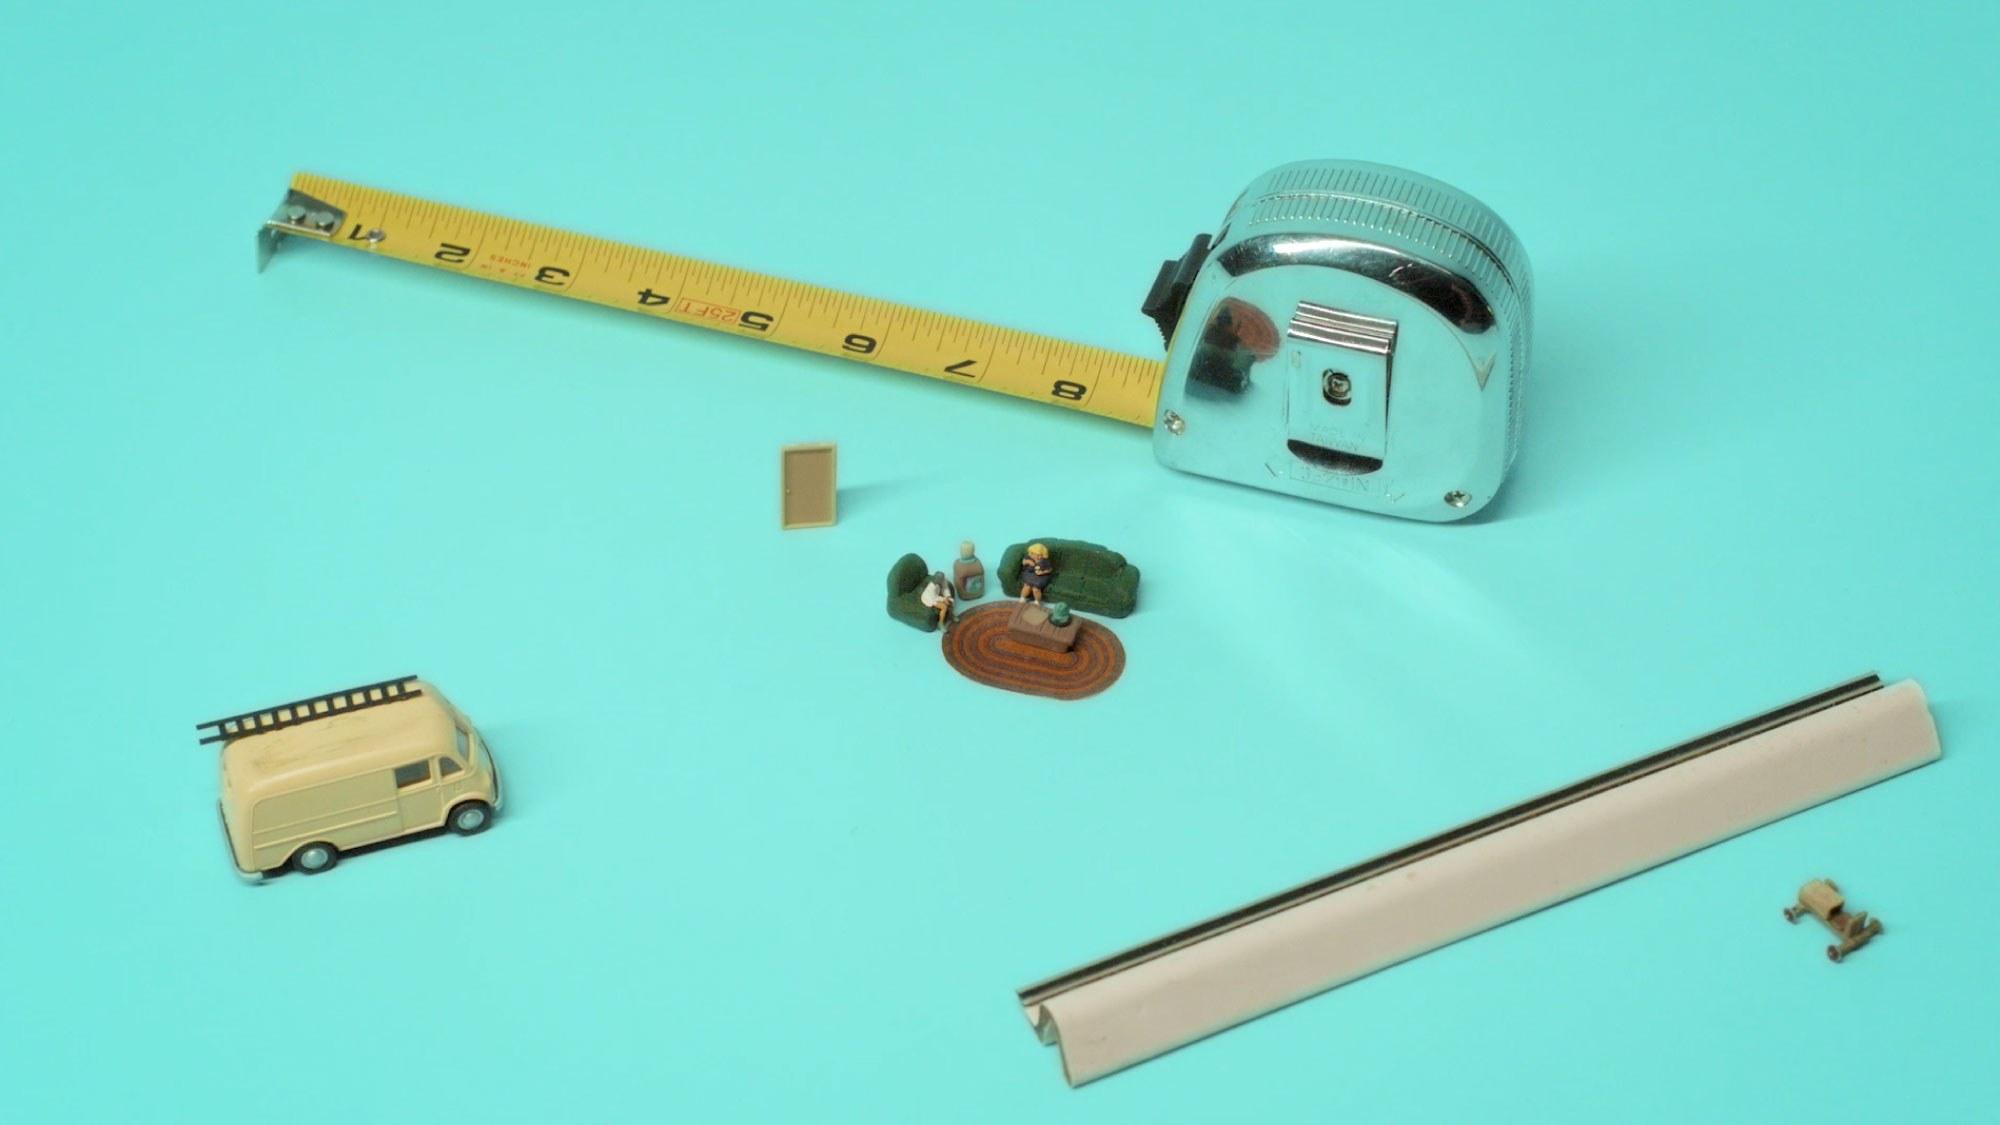 tools and miniature figurines